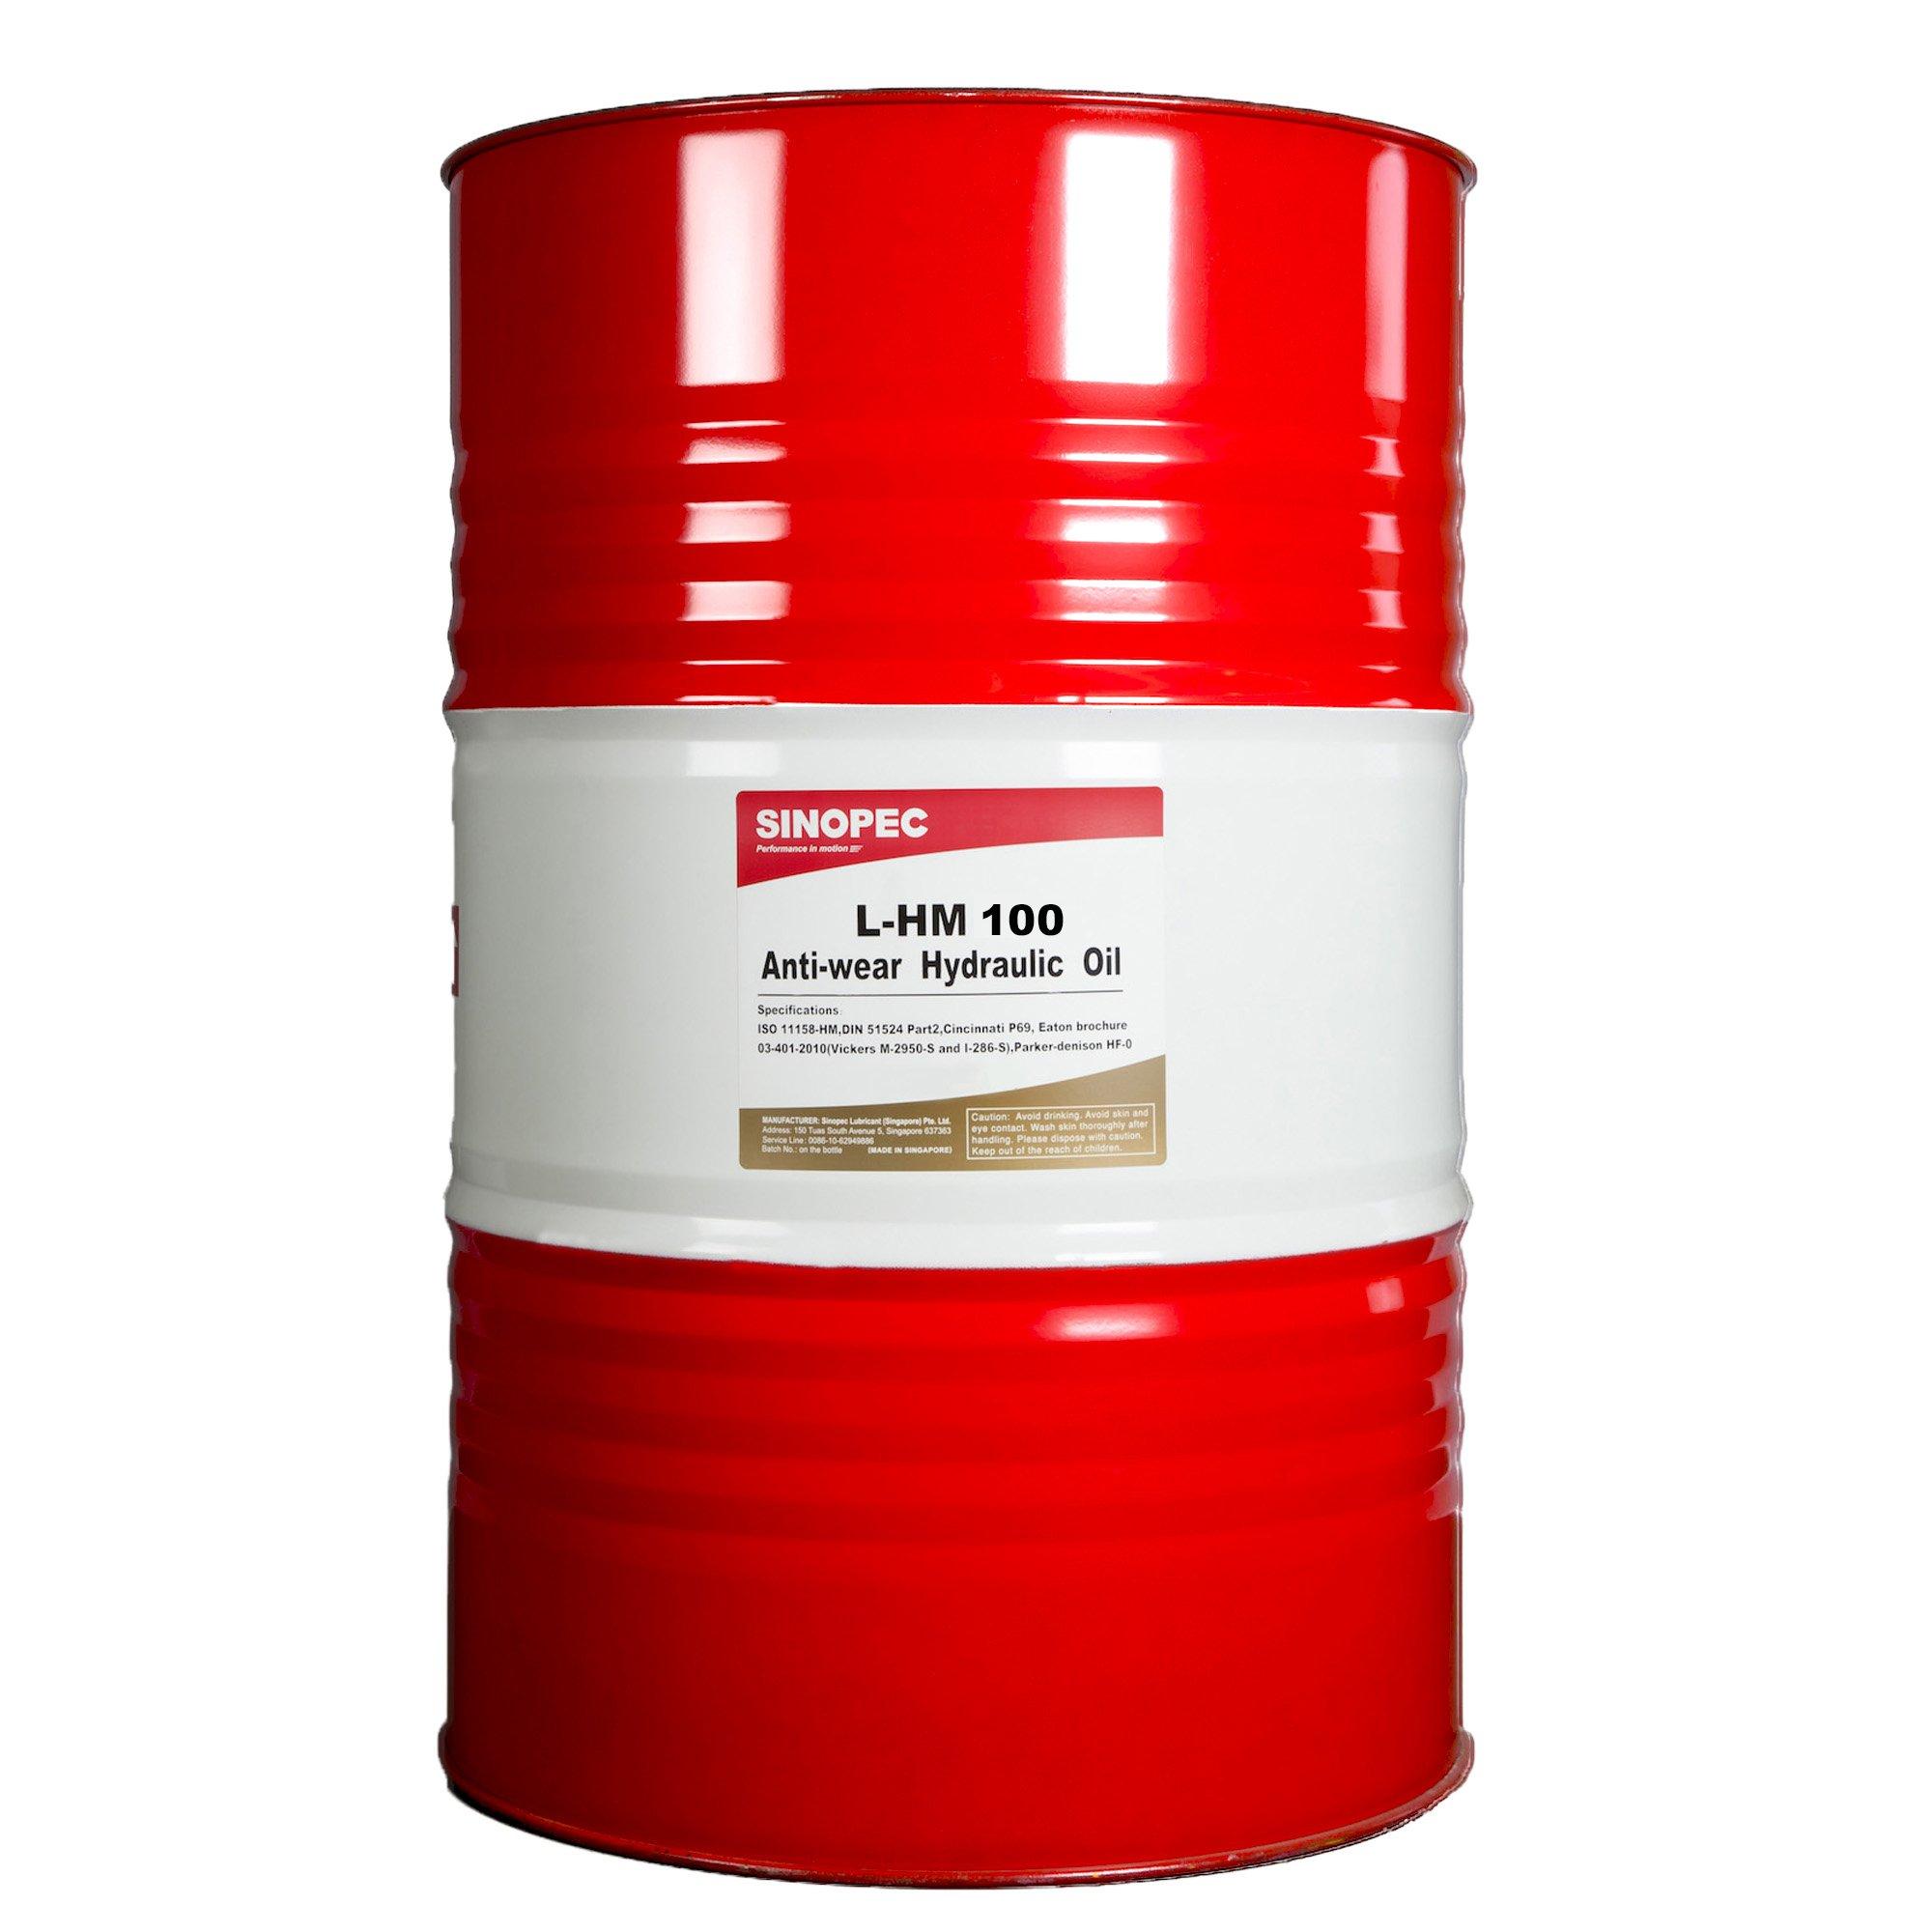 AW100 Anti-wear Hydraulic Oil - 55 Gallon Drum by L-HM